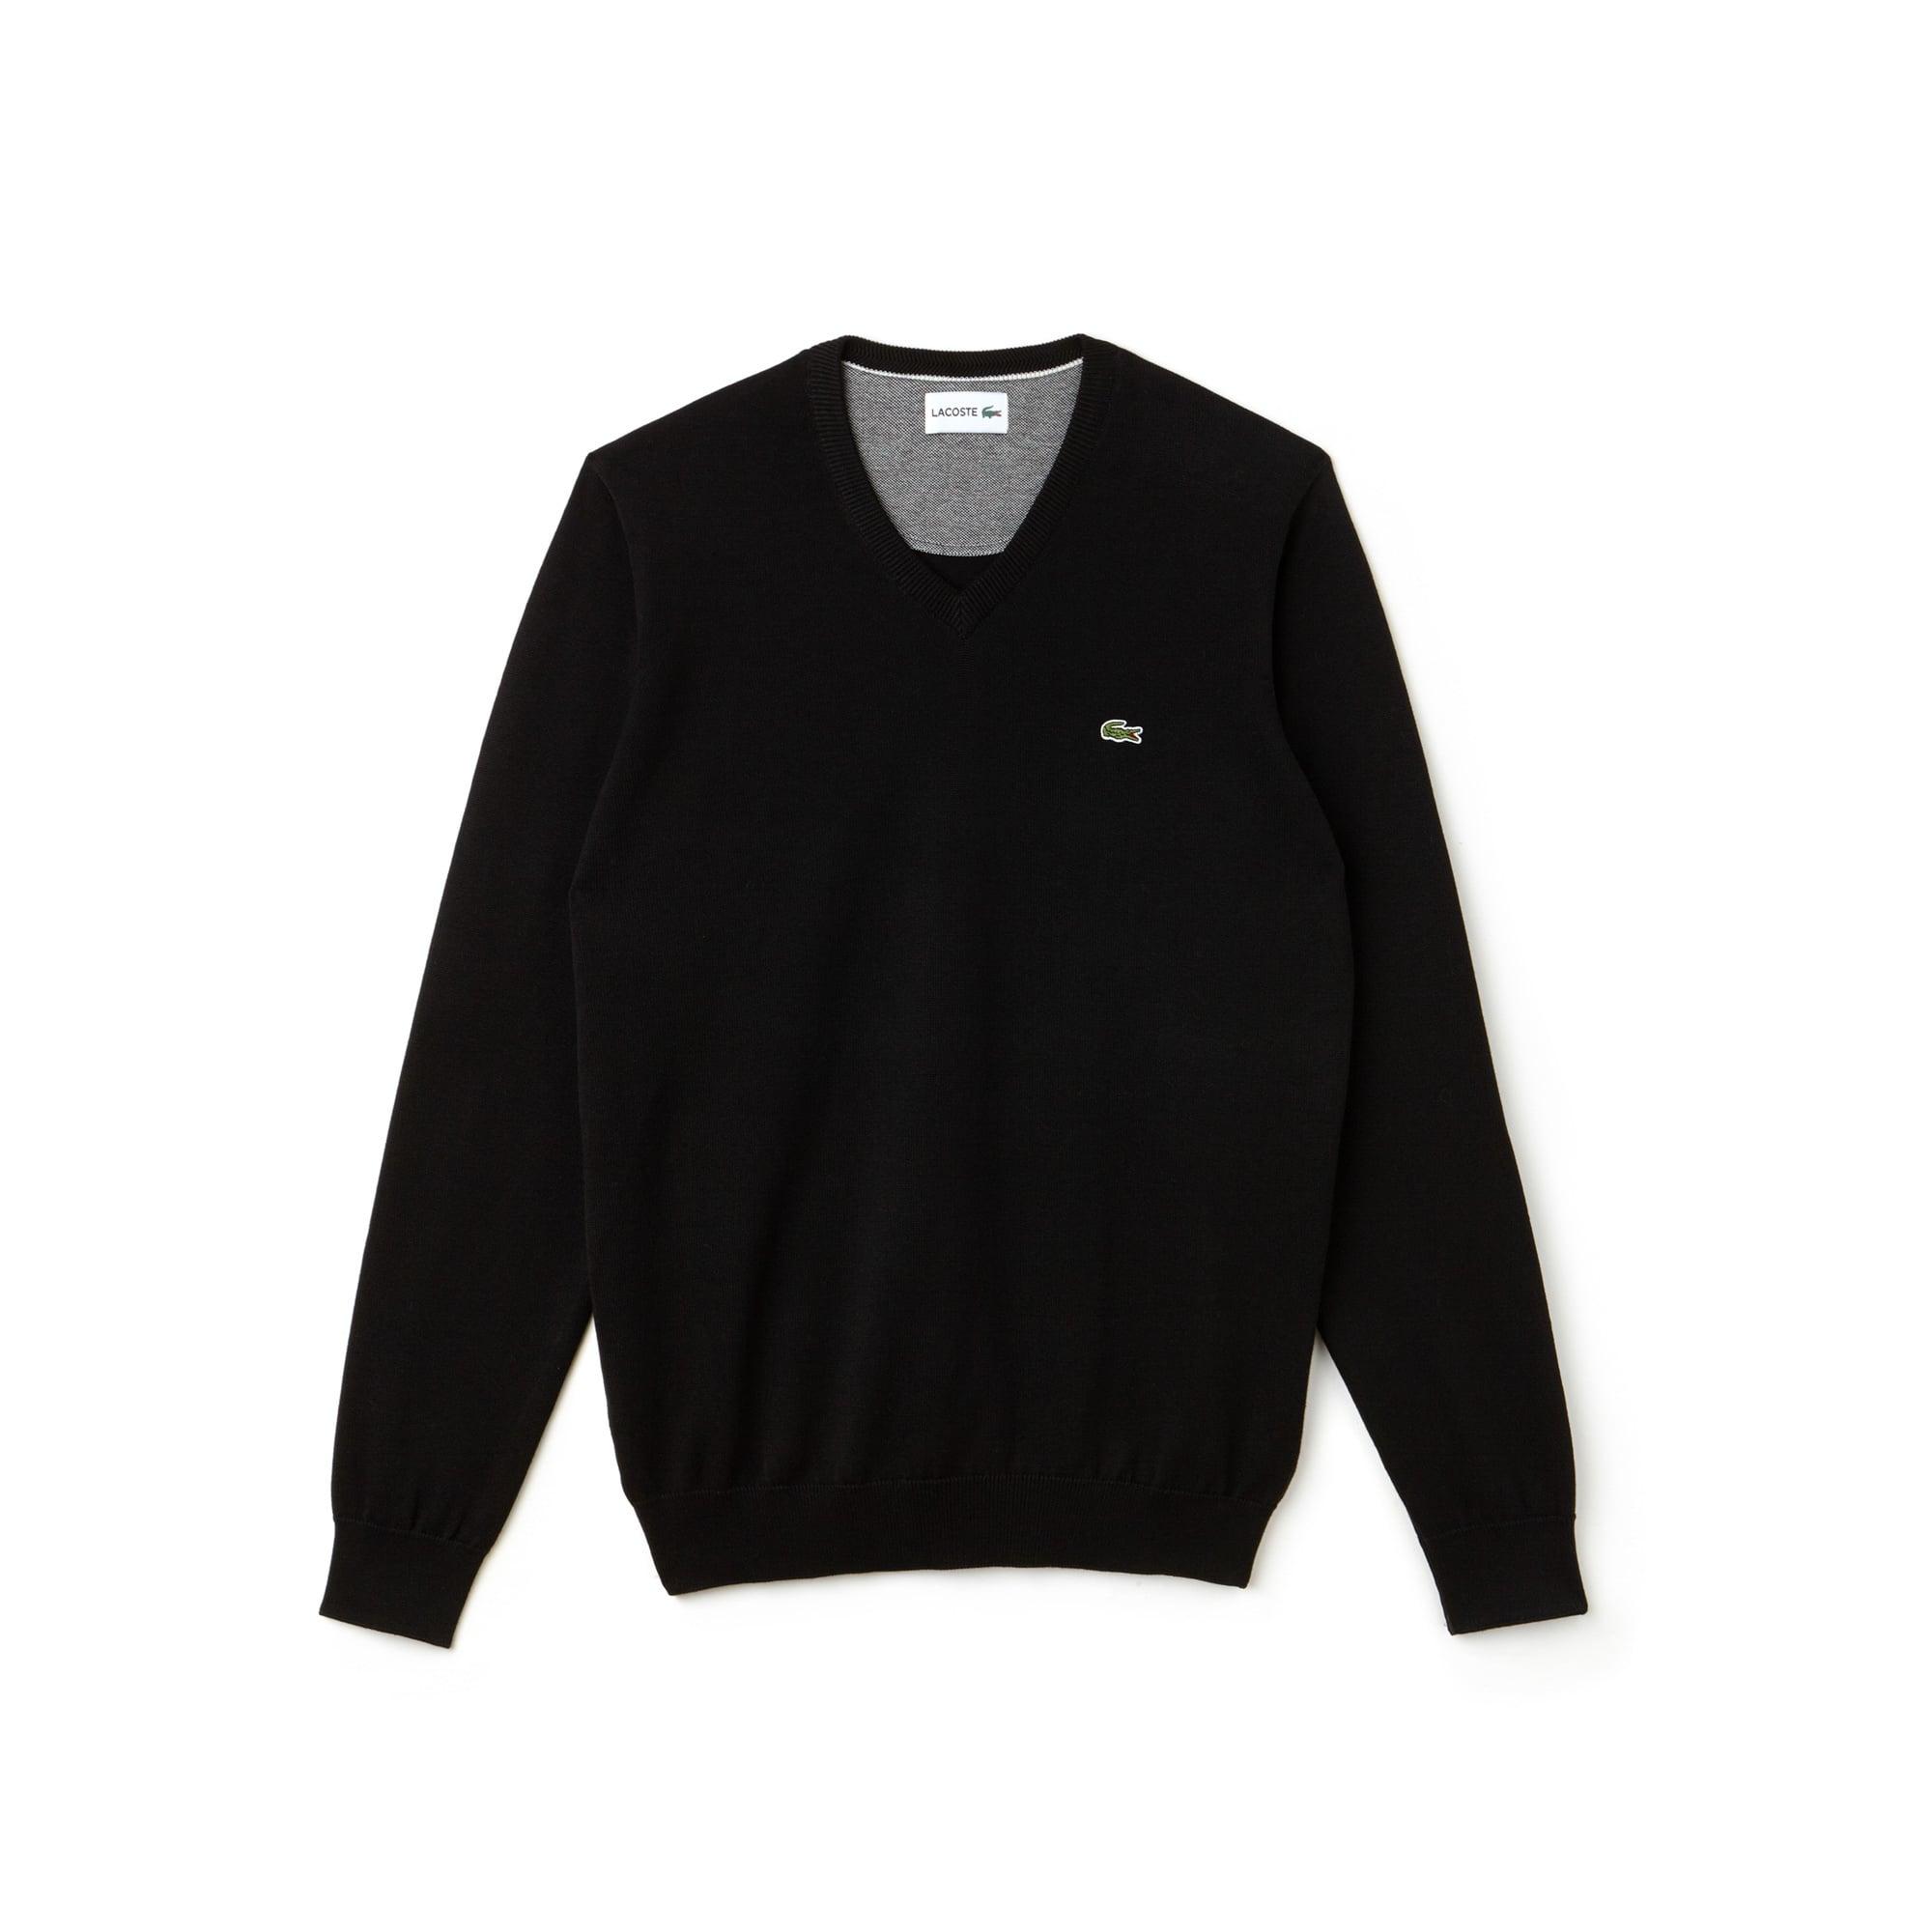 Jersey con cuello a pico de punto jersey de algodón liso y detalle piqué caviar